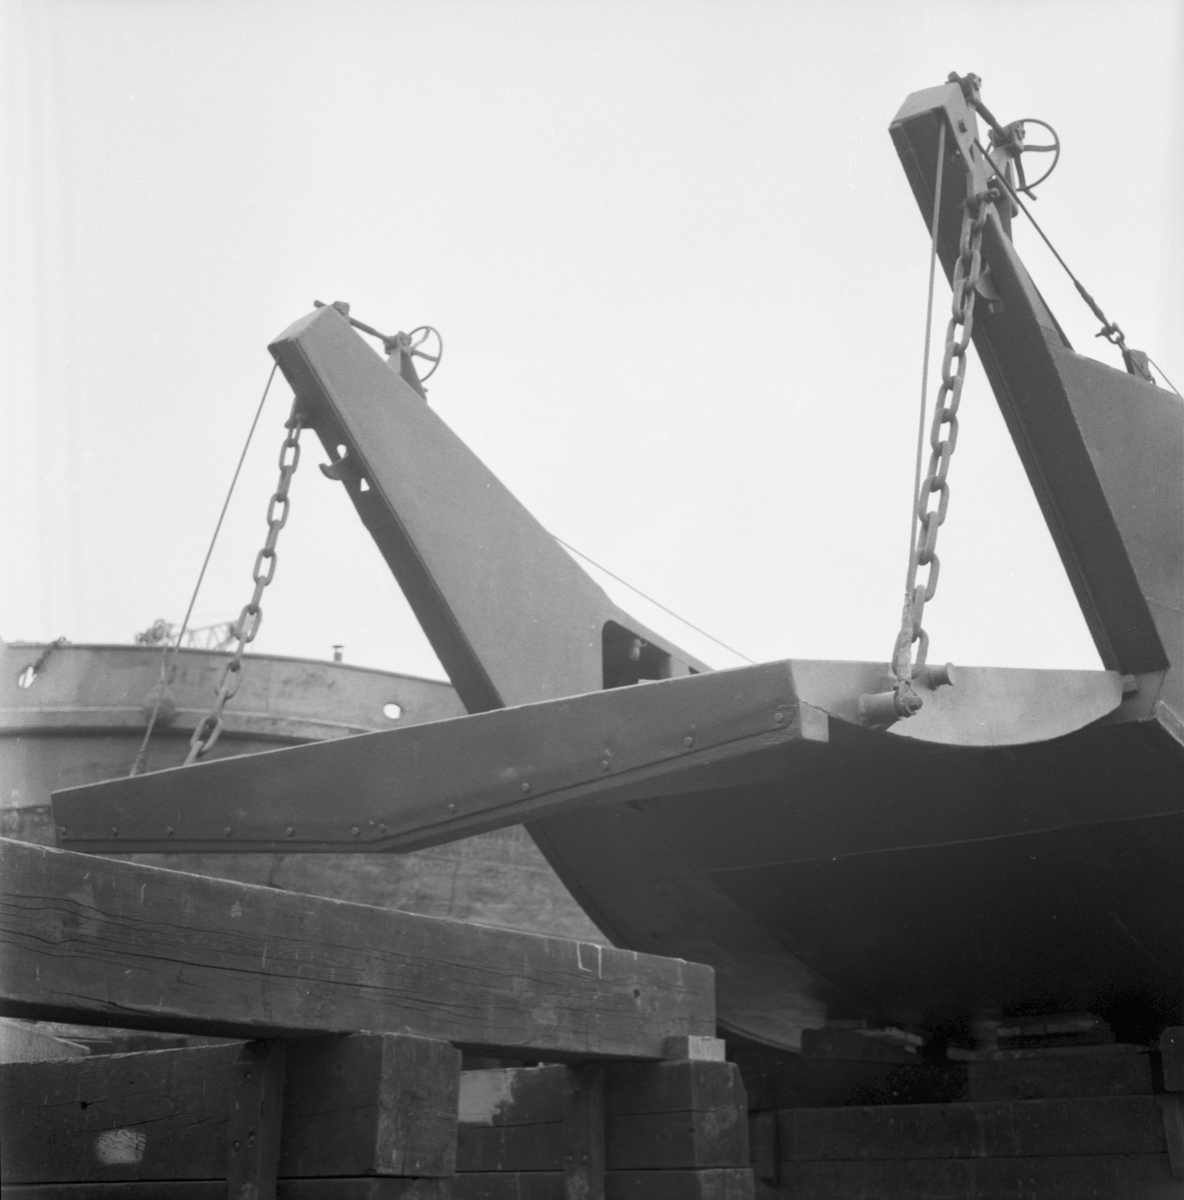 Övrigt: Foto datum: 23/5 1961 Byggnader och kranar Kättingar (bultar utlämning)